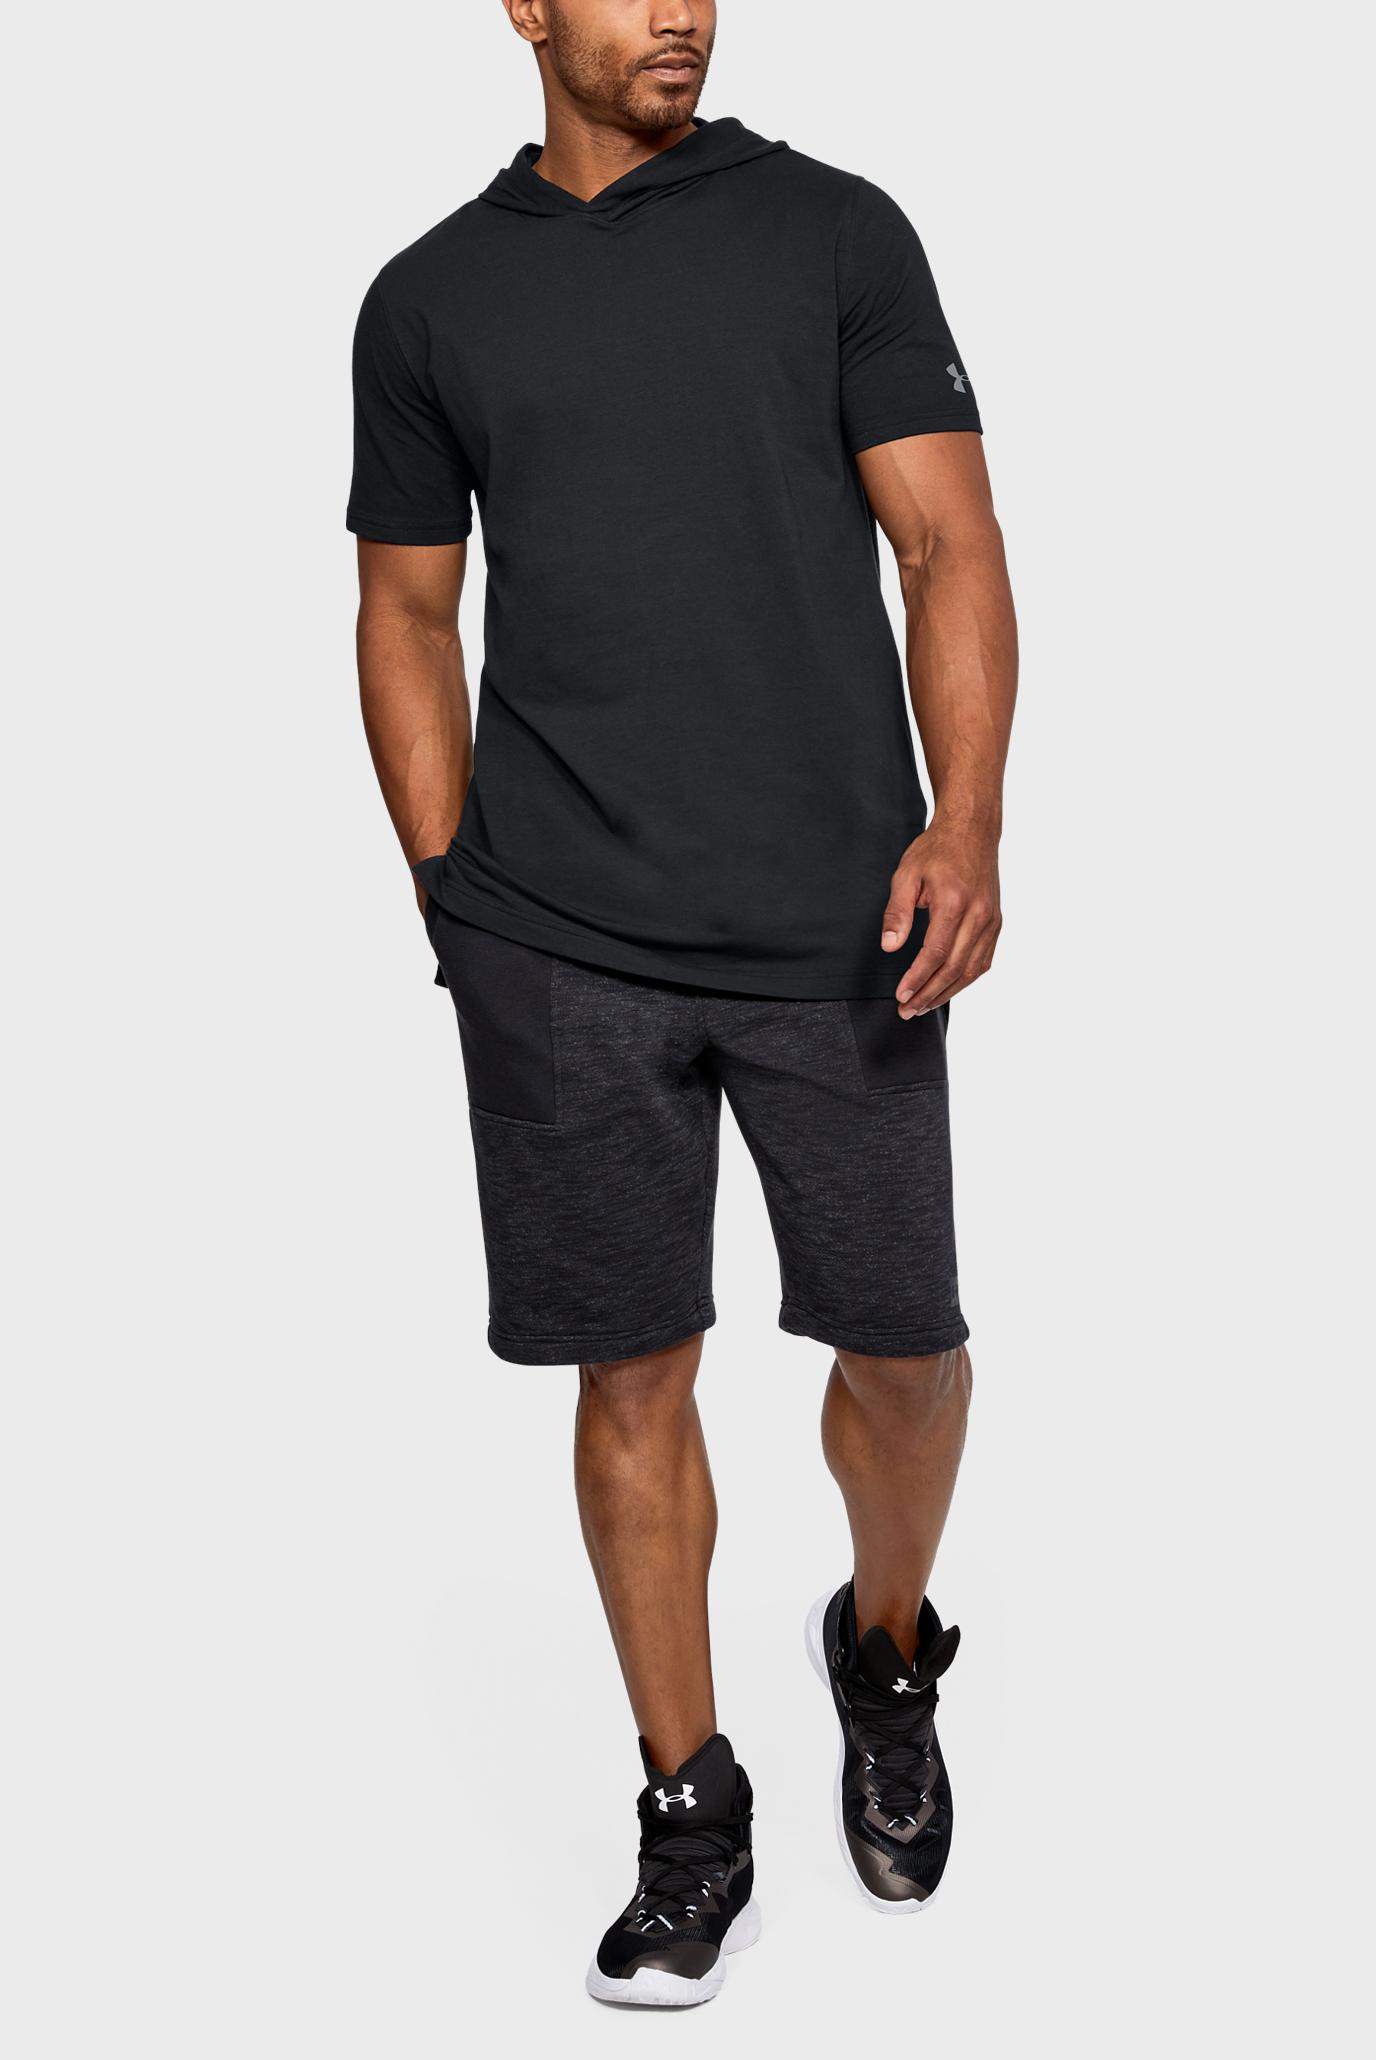 Купить Мужская черная футболка UA Baseline Hooded Under Armour Under Armour 1309841-001 – Киев, Украина. Цены в интернет магазине MD Fashion